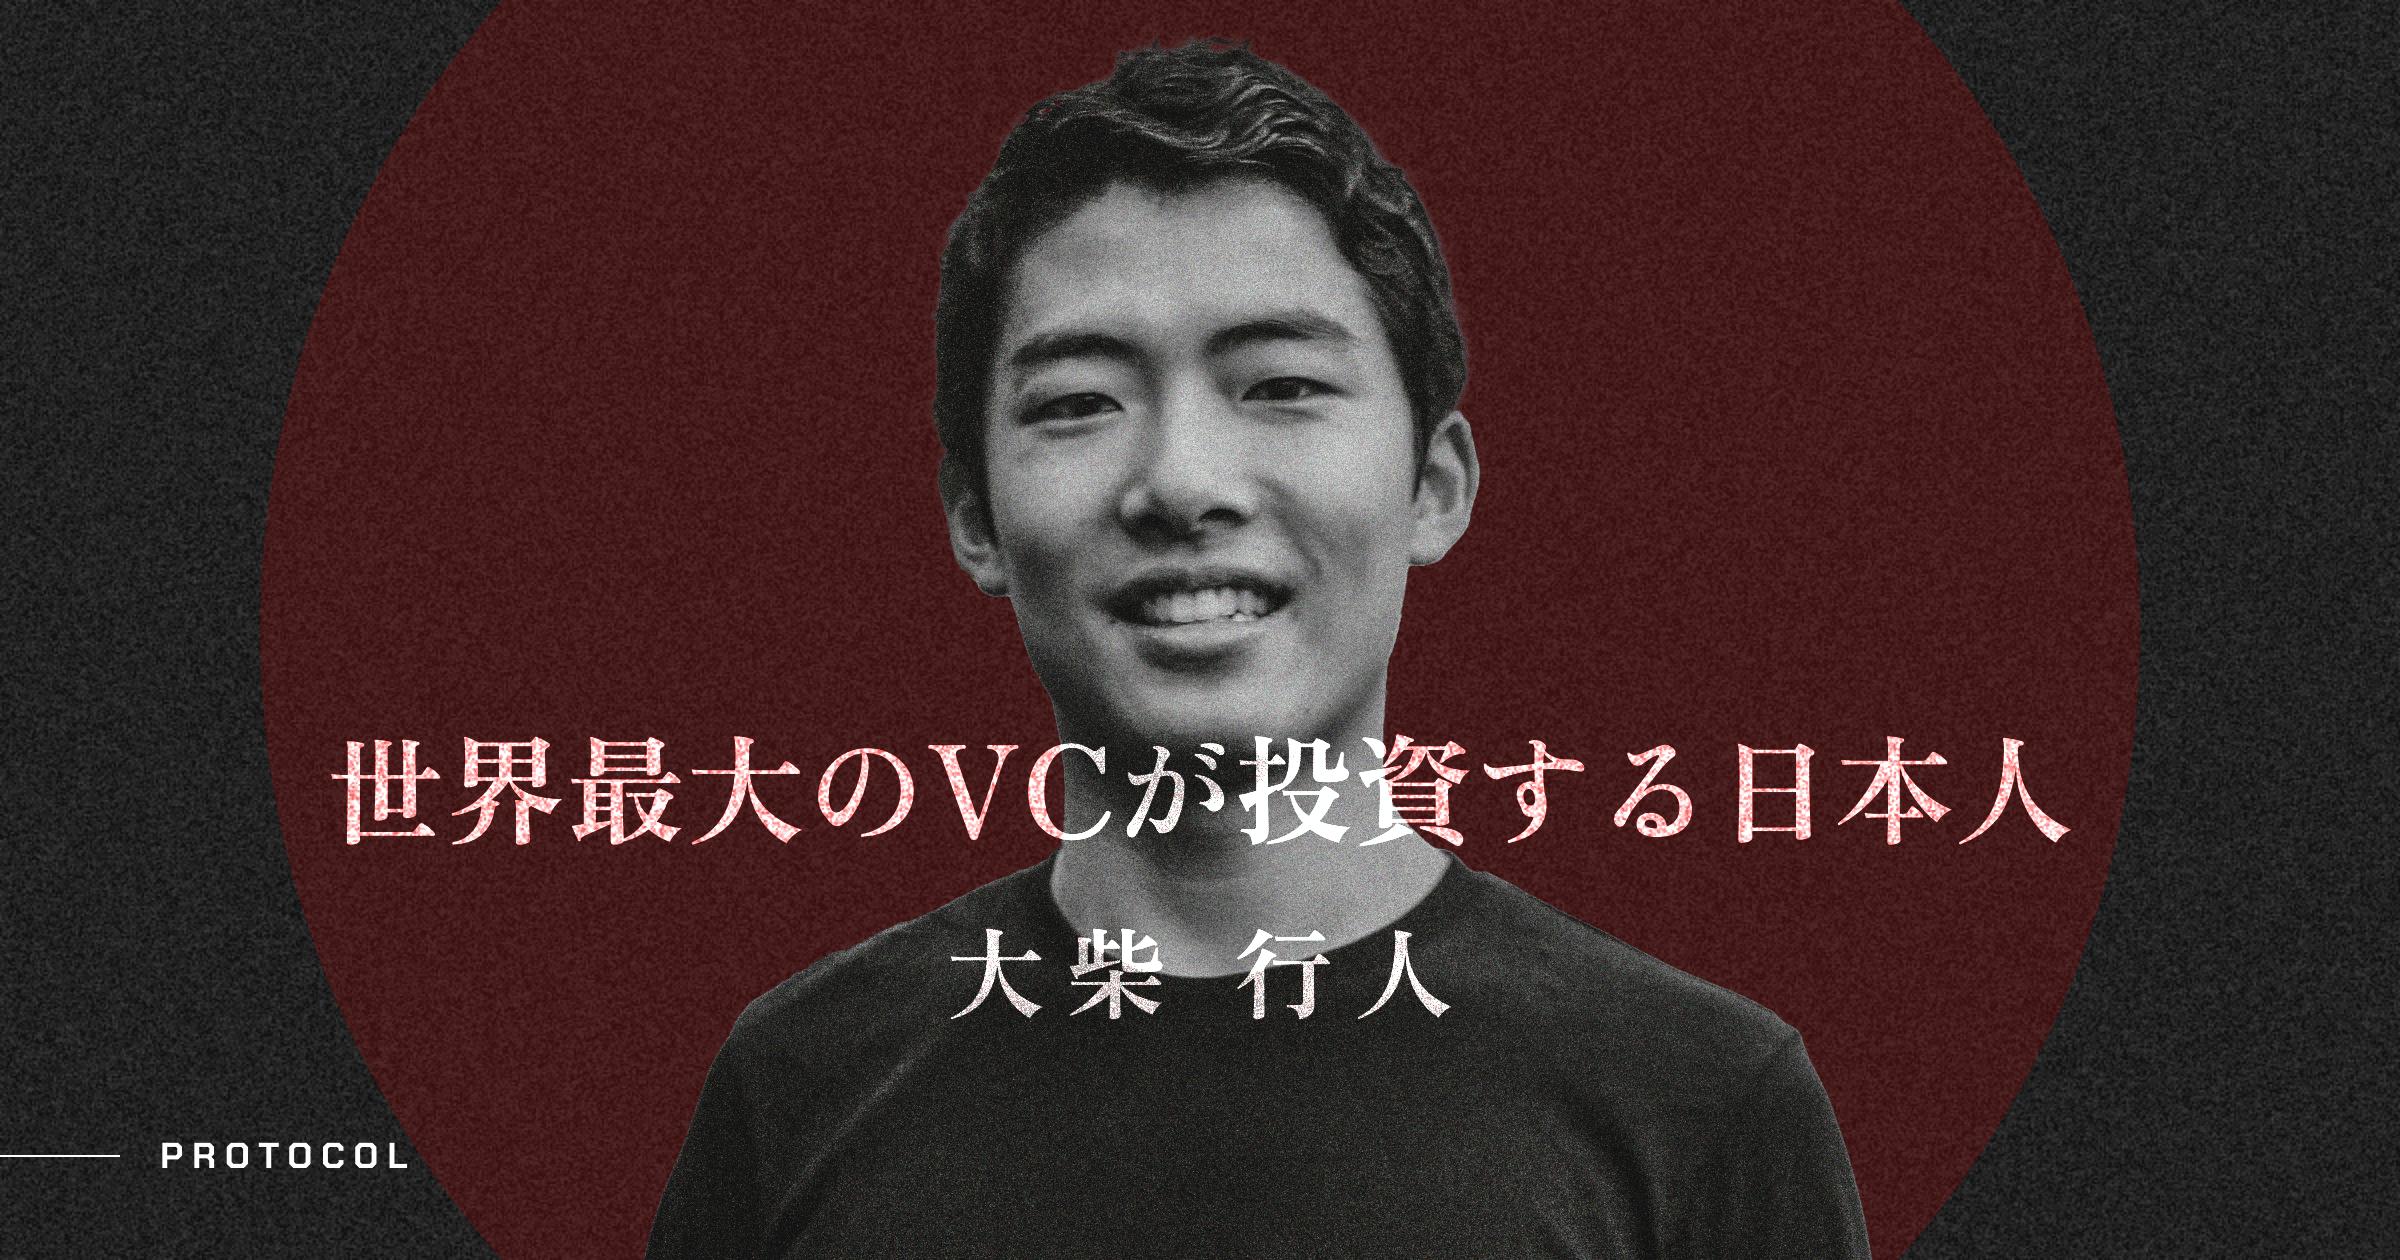 【大柴行人】世界最大のVCが投資するハーバード卒の日本人起業家